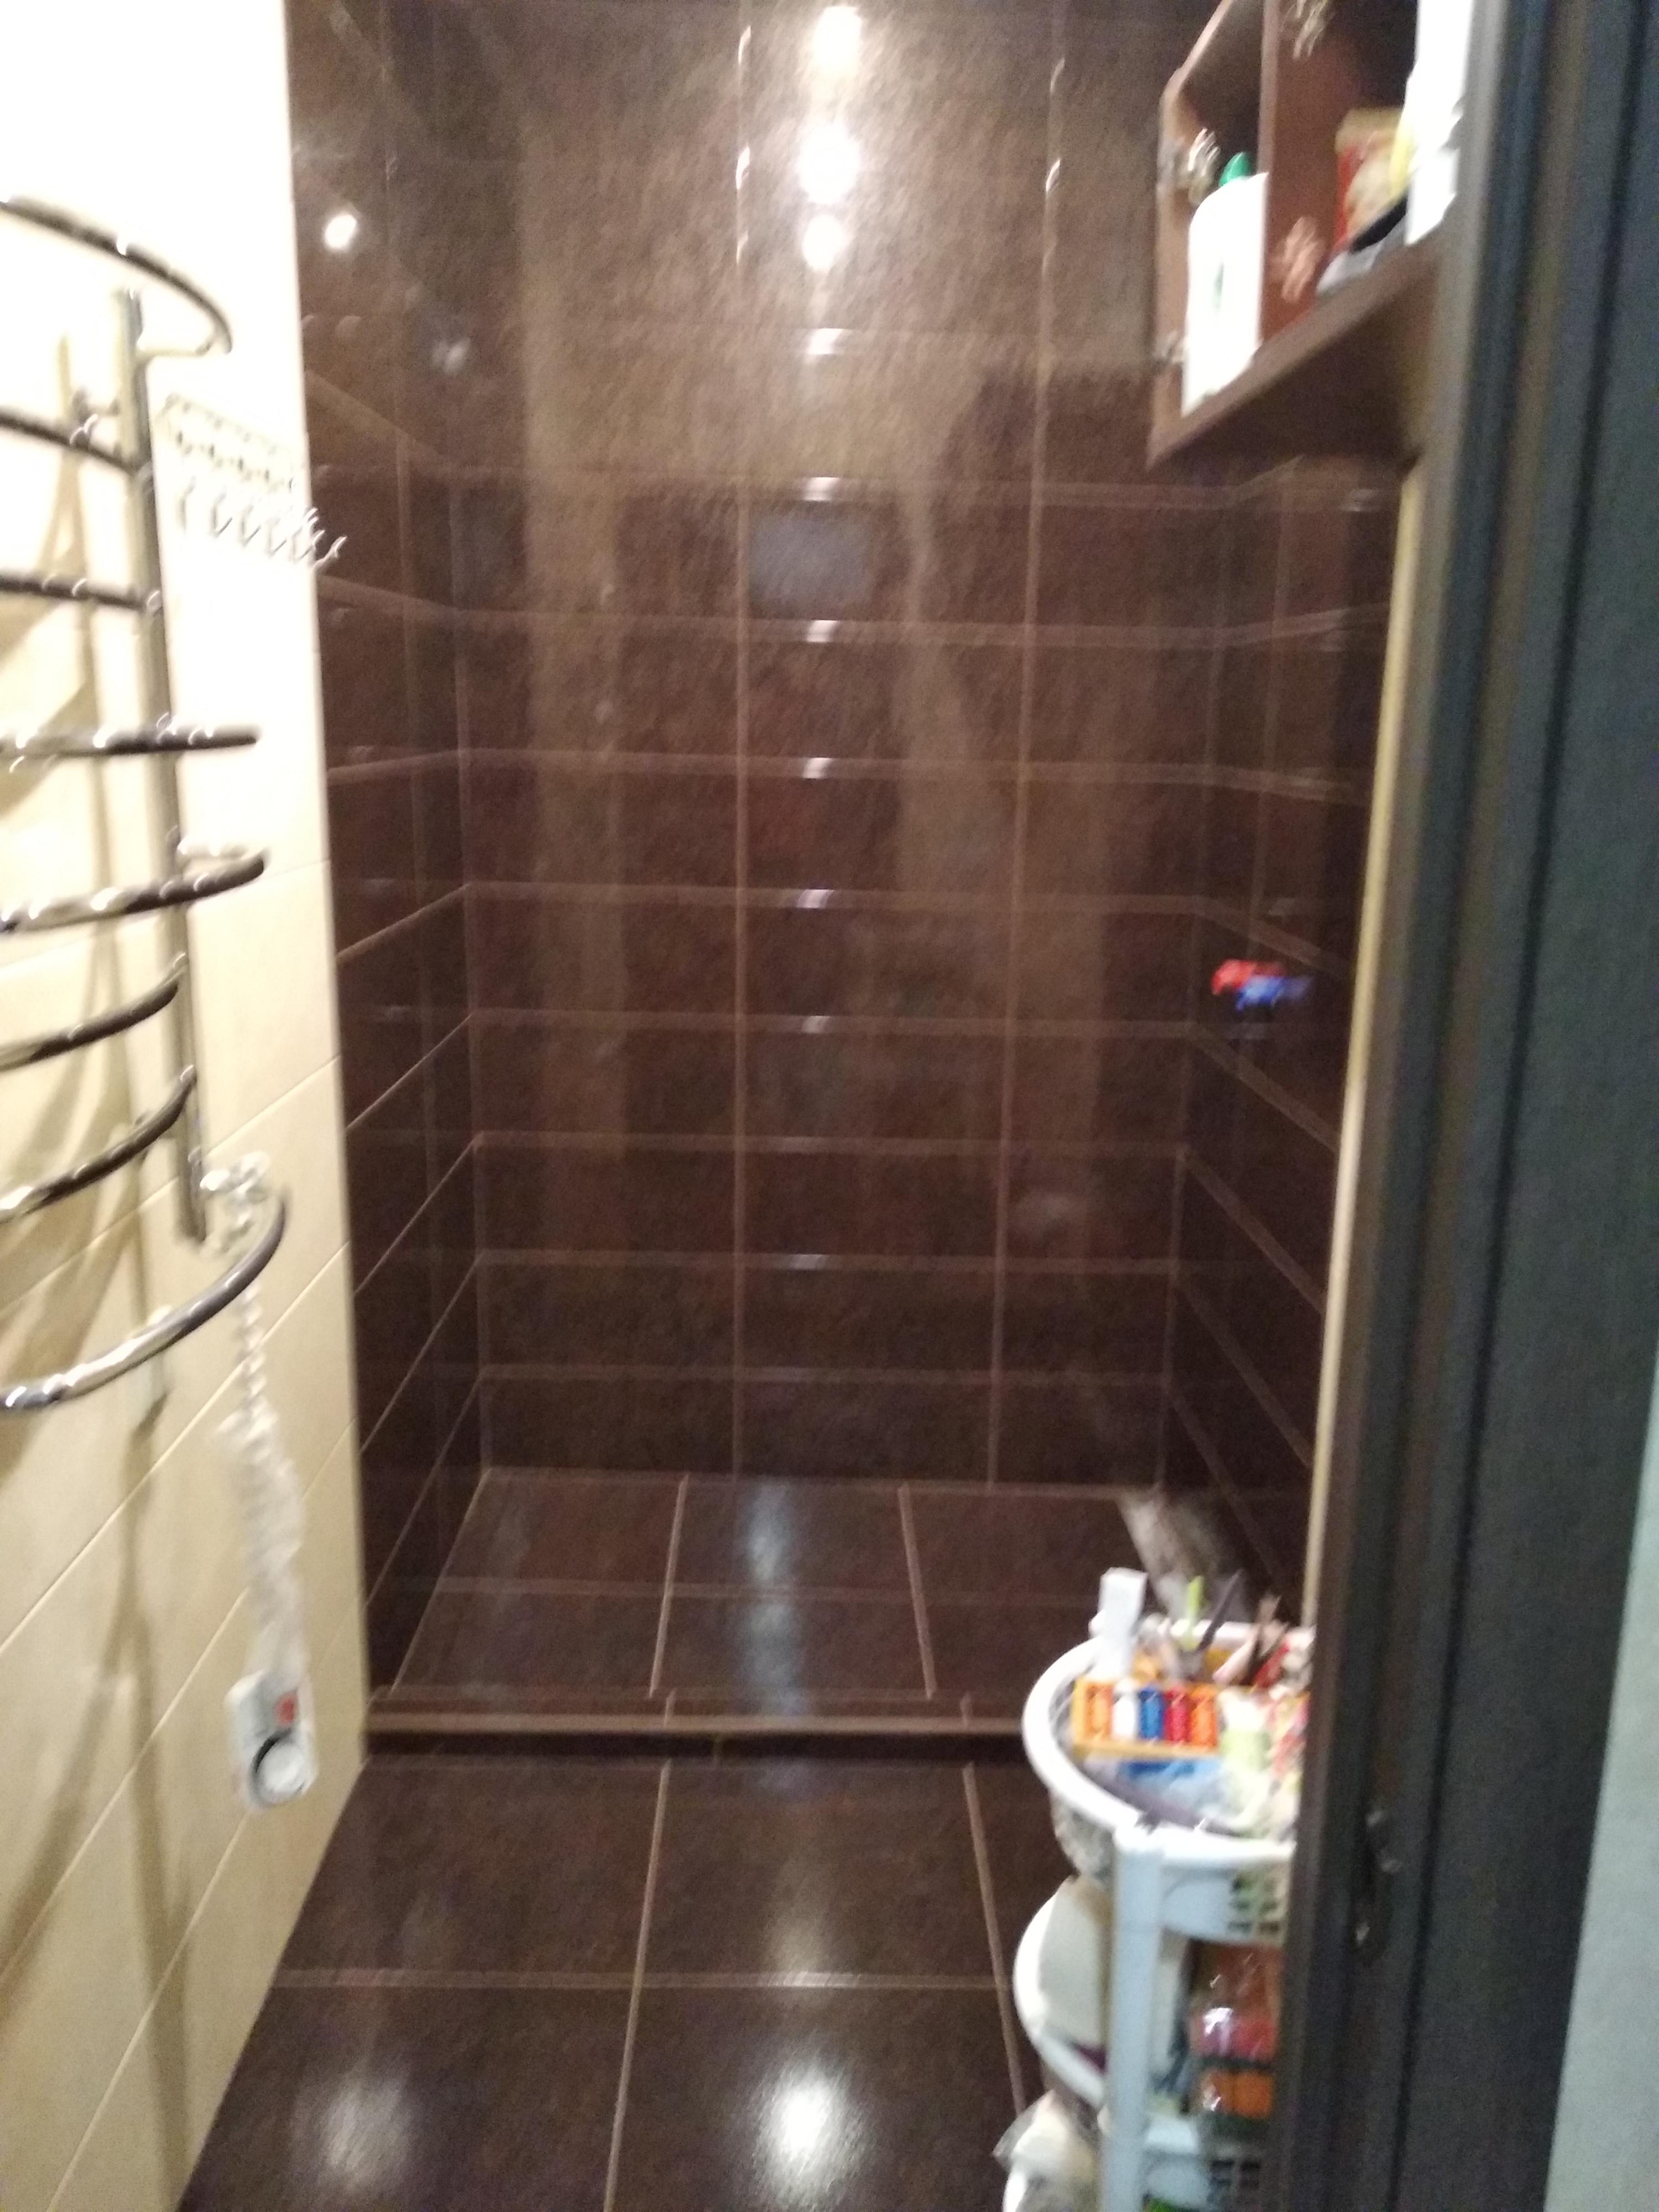 Фото Генеральная уборка дома 150 м2 Выполнили за день качественно и быстро.Обращайтесь .